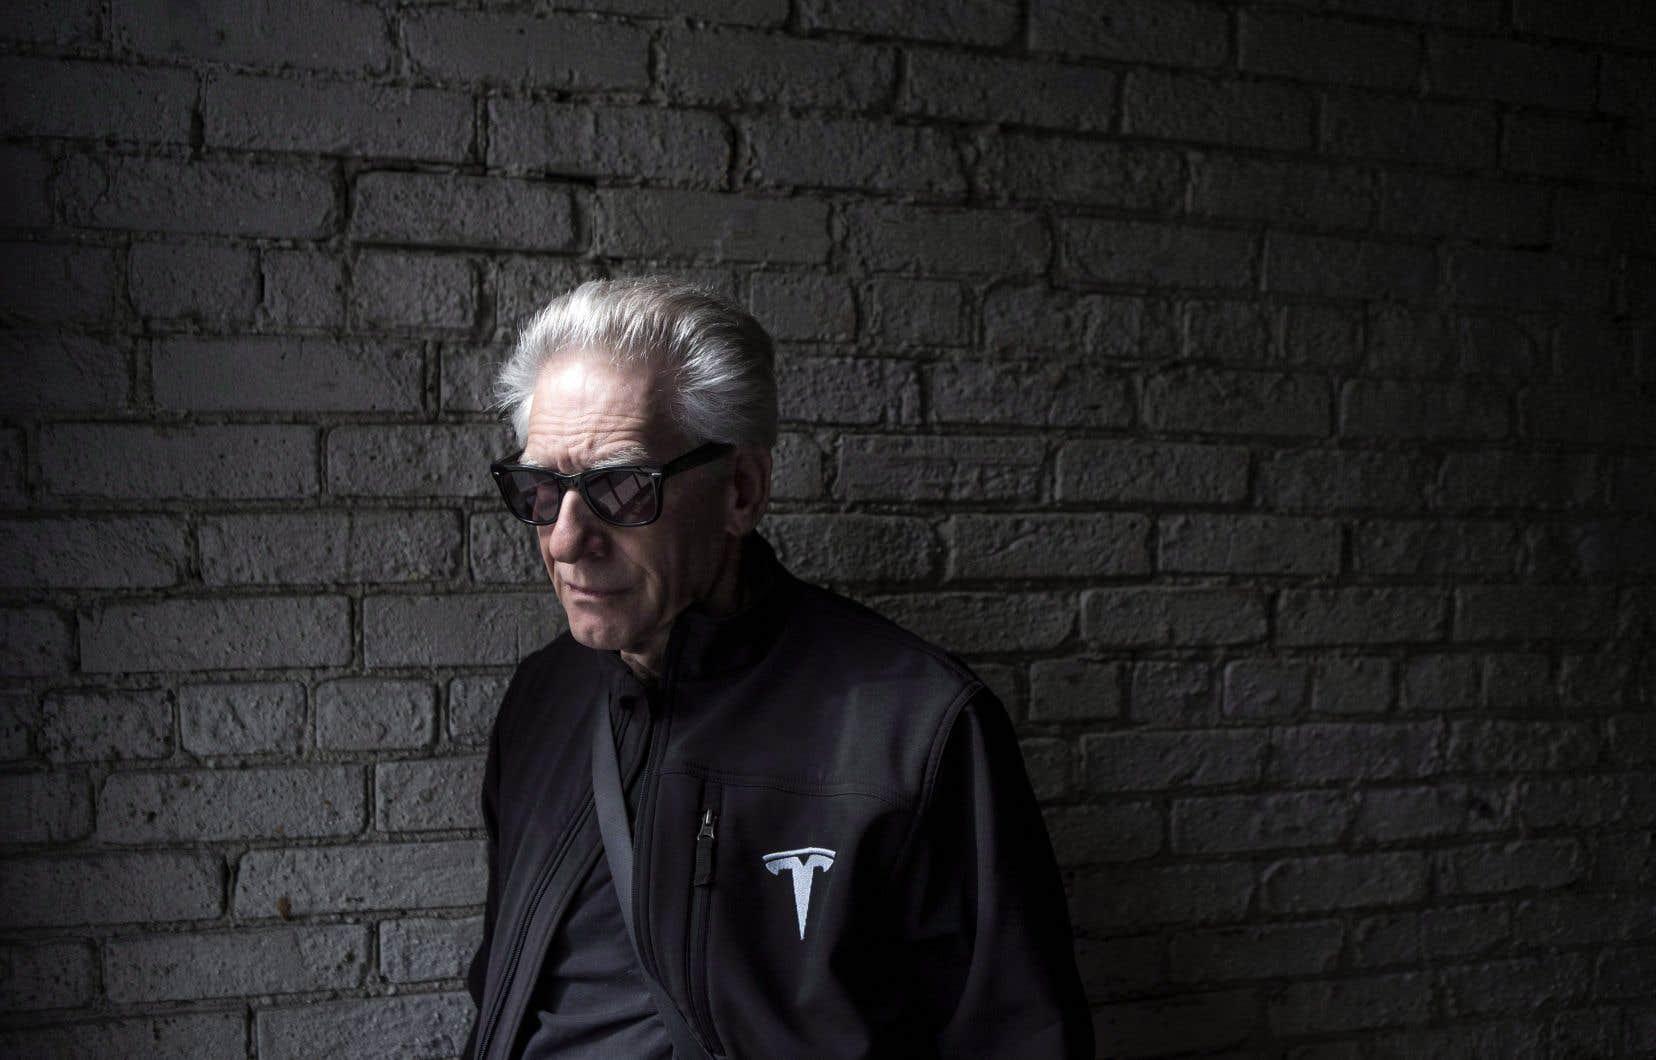 David Cronenberg ne voulait à l'origine rien savoir d'adapter le roman de J.G. Ballard, un brûlot littéraire de plein droit. À l'époque, le cinéaste pourtant reconnu pour le caractère visqueux de ses œuvres des années 1970-1980 fut de son propre aveu «révulsé» par l'ouvrage que lui remit le producteur Jeremy Thomas.